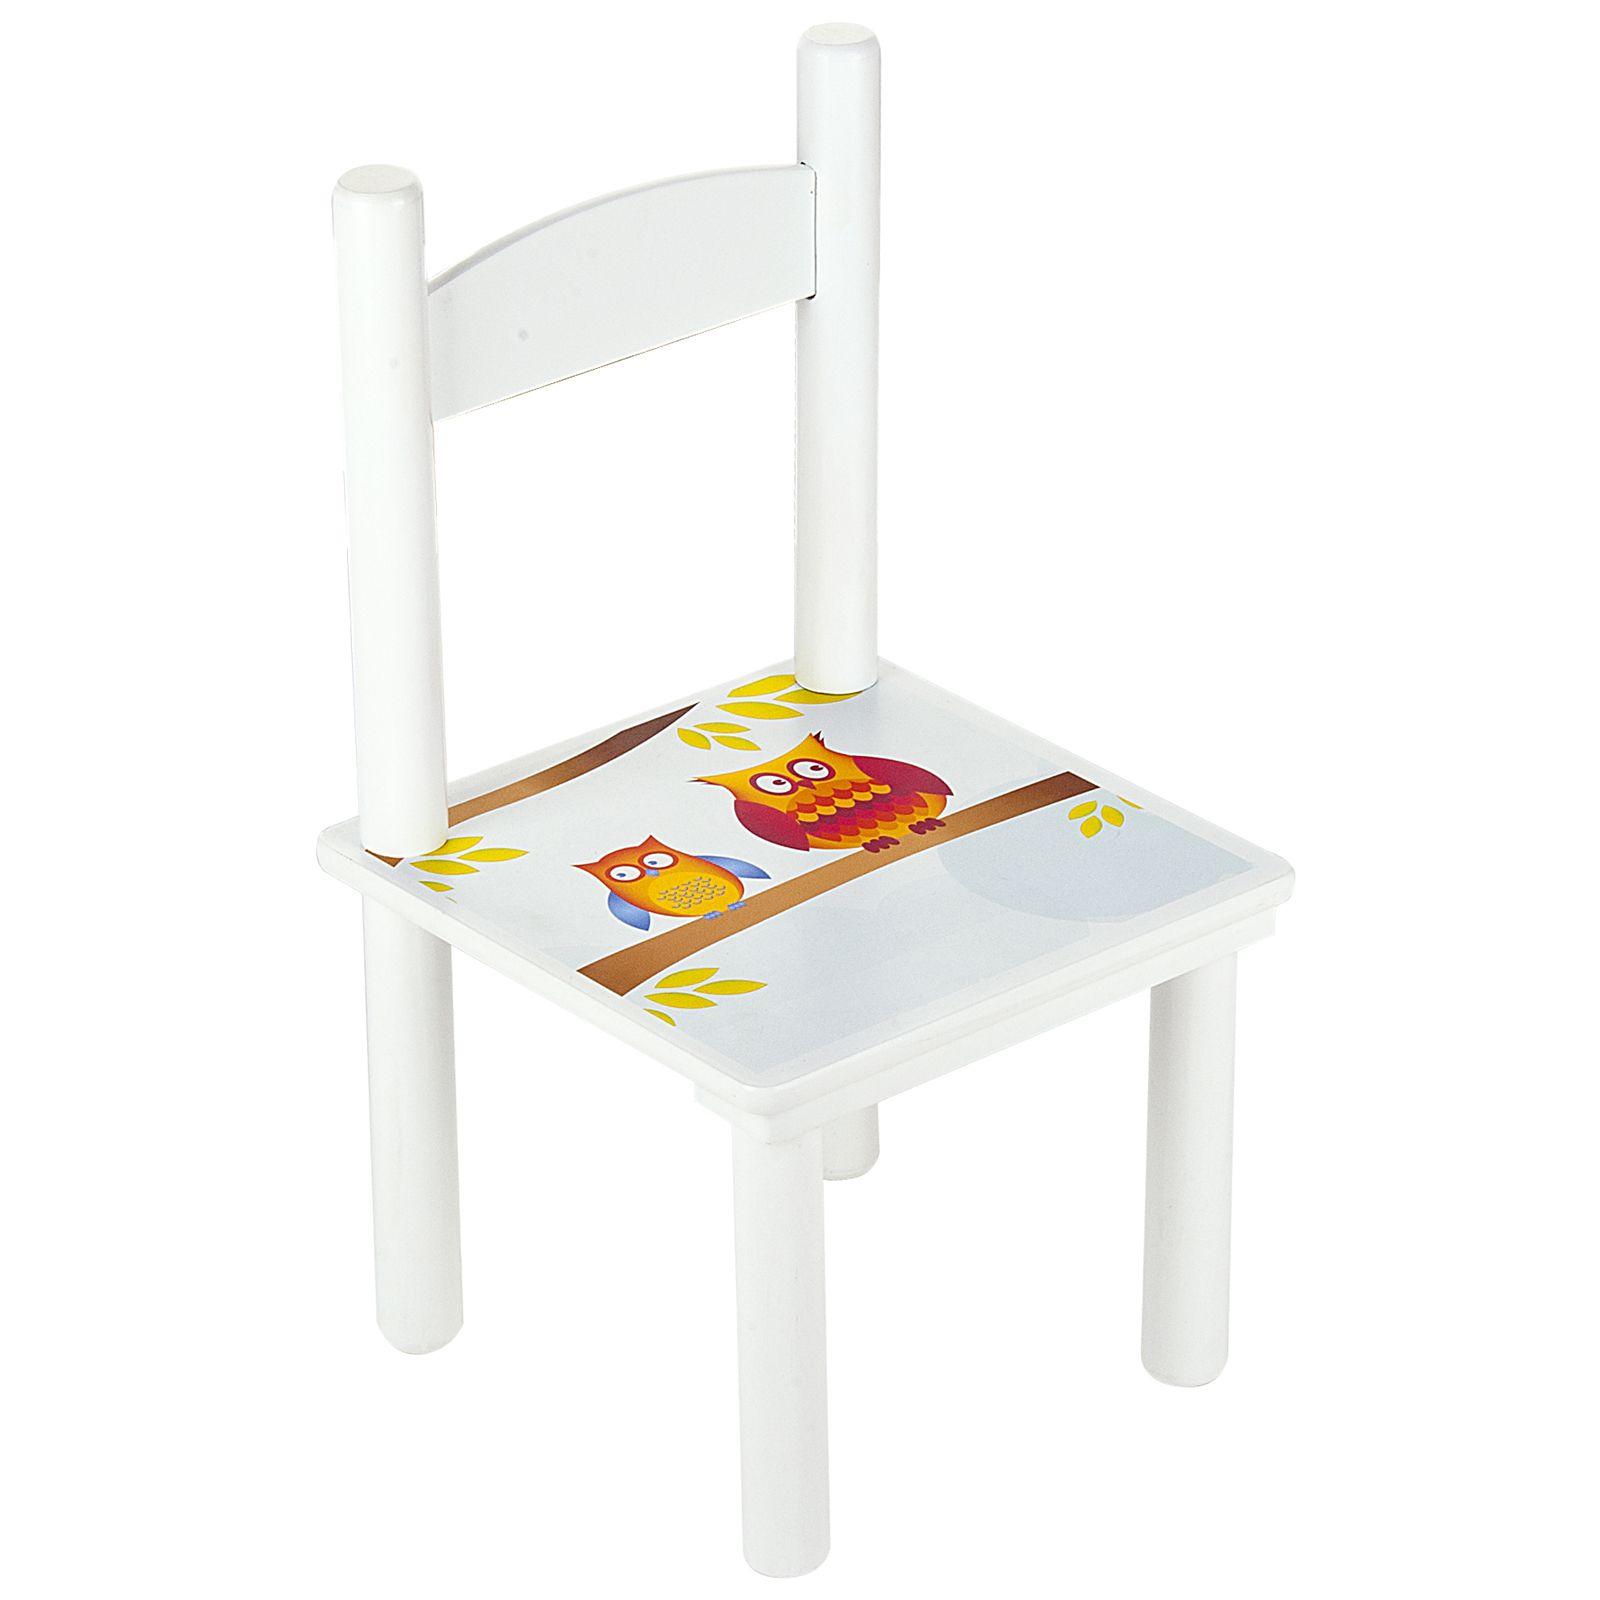 schlafzimmer m bel mit eulen aus holz spielzeug box. Black Bedroom Furniture Sets. Home Design Ideas